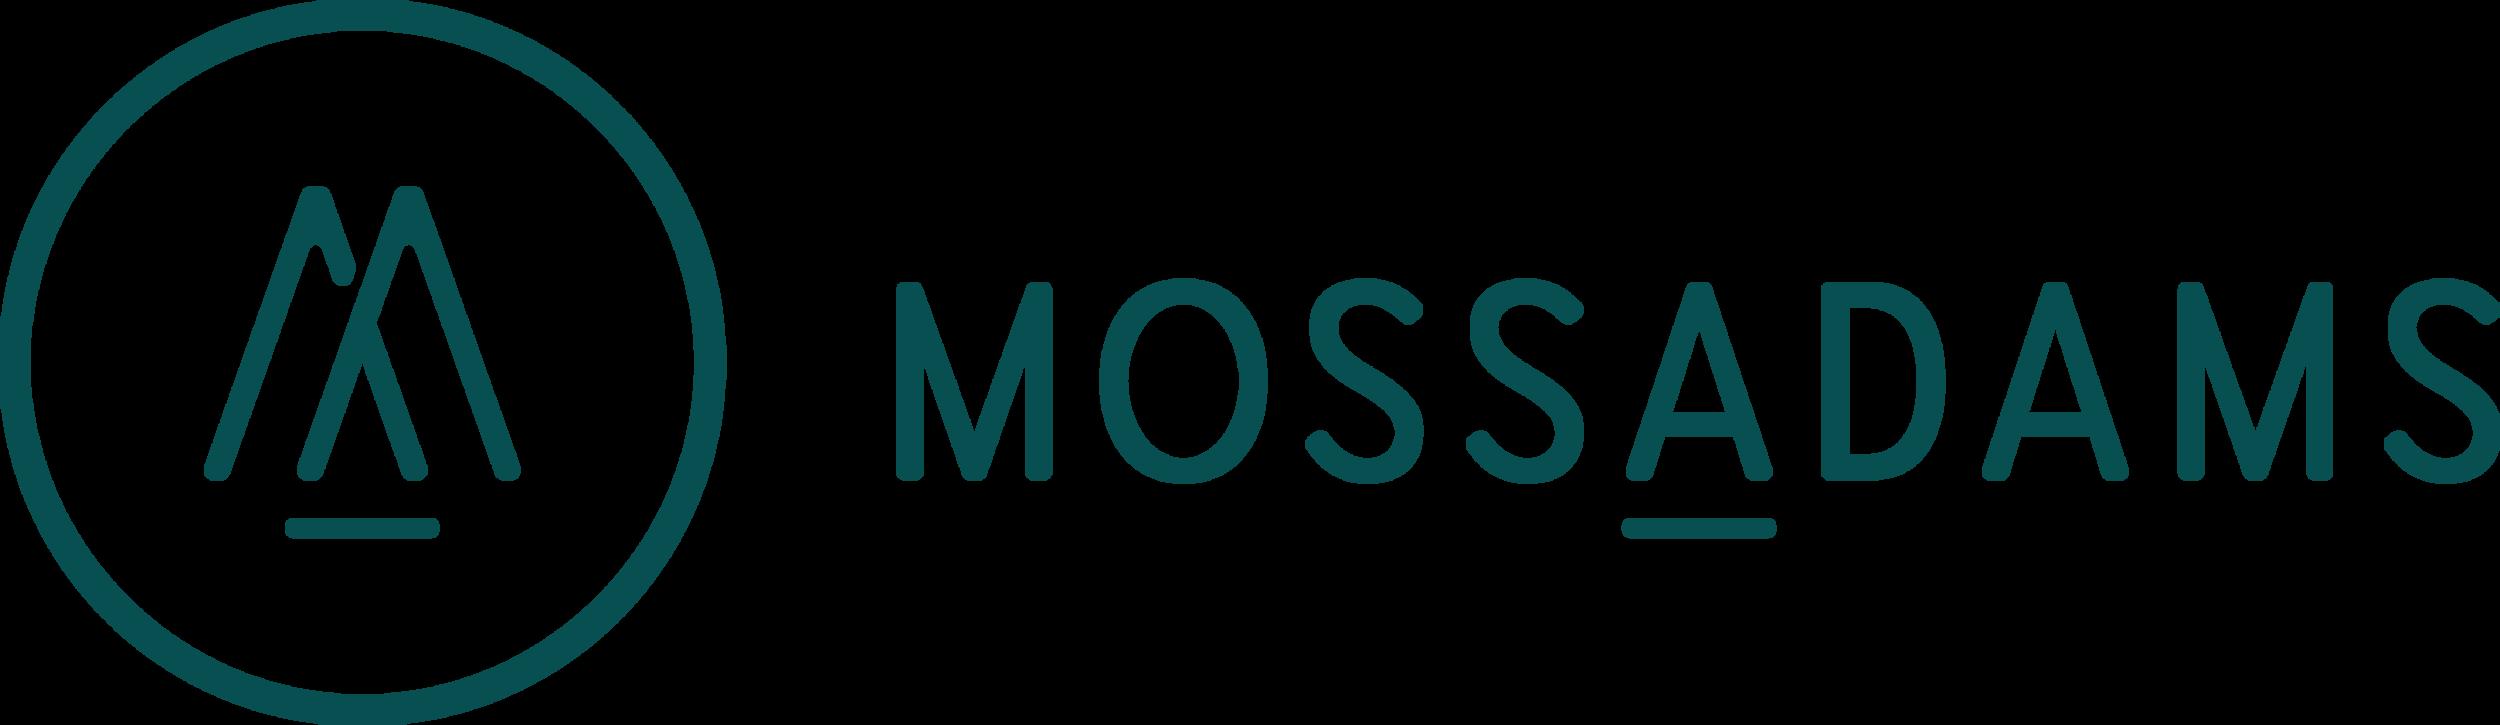 Moss Adams logo.png